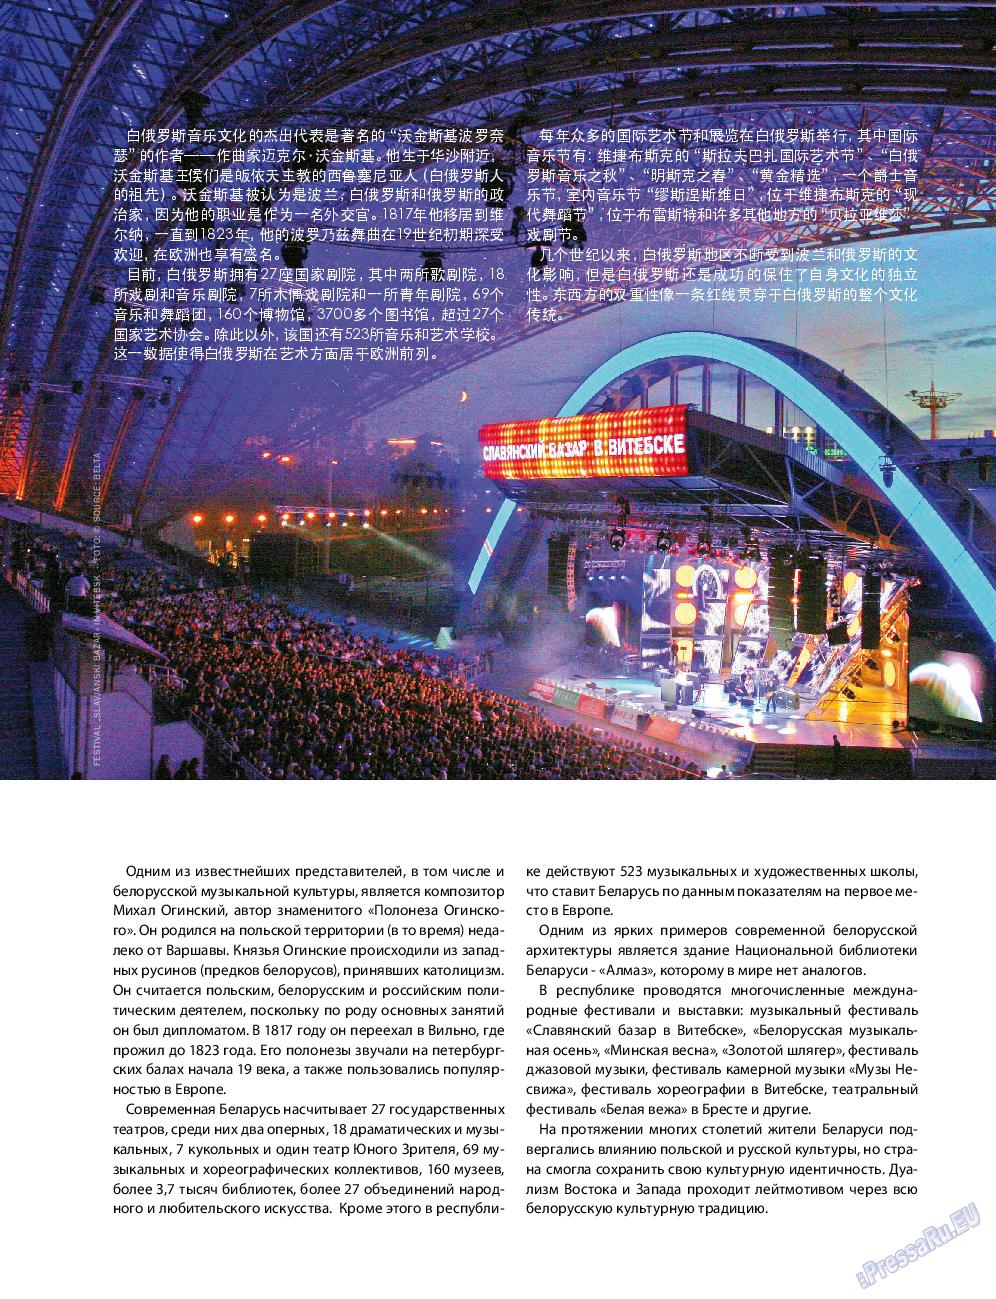 Клан (журнал). 2015 год, номер 8, стр. 57